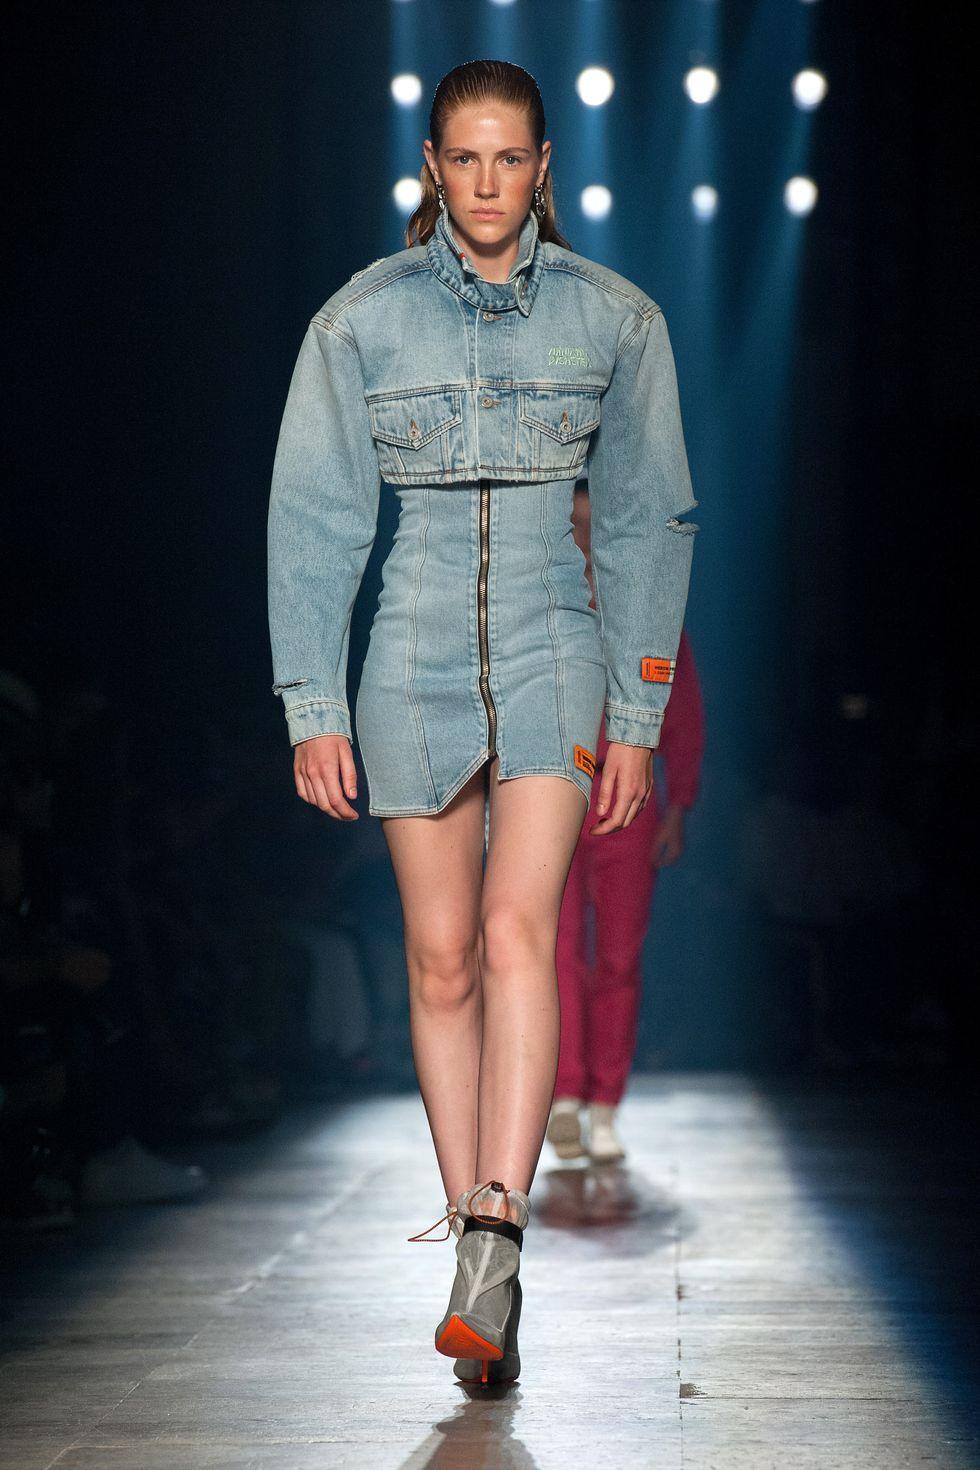 Deretan Pakaian Khas Era 70an yang Kembali Hits di Tahun Ini